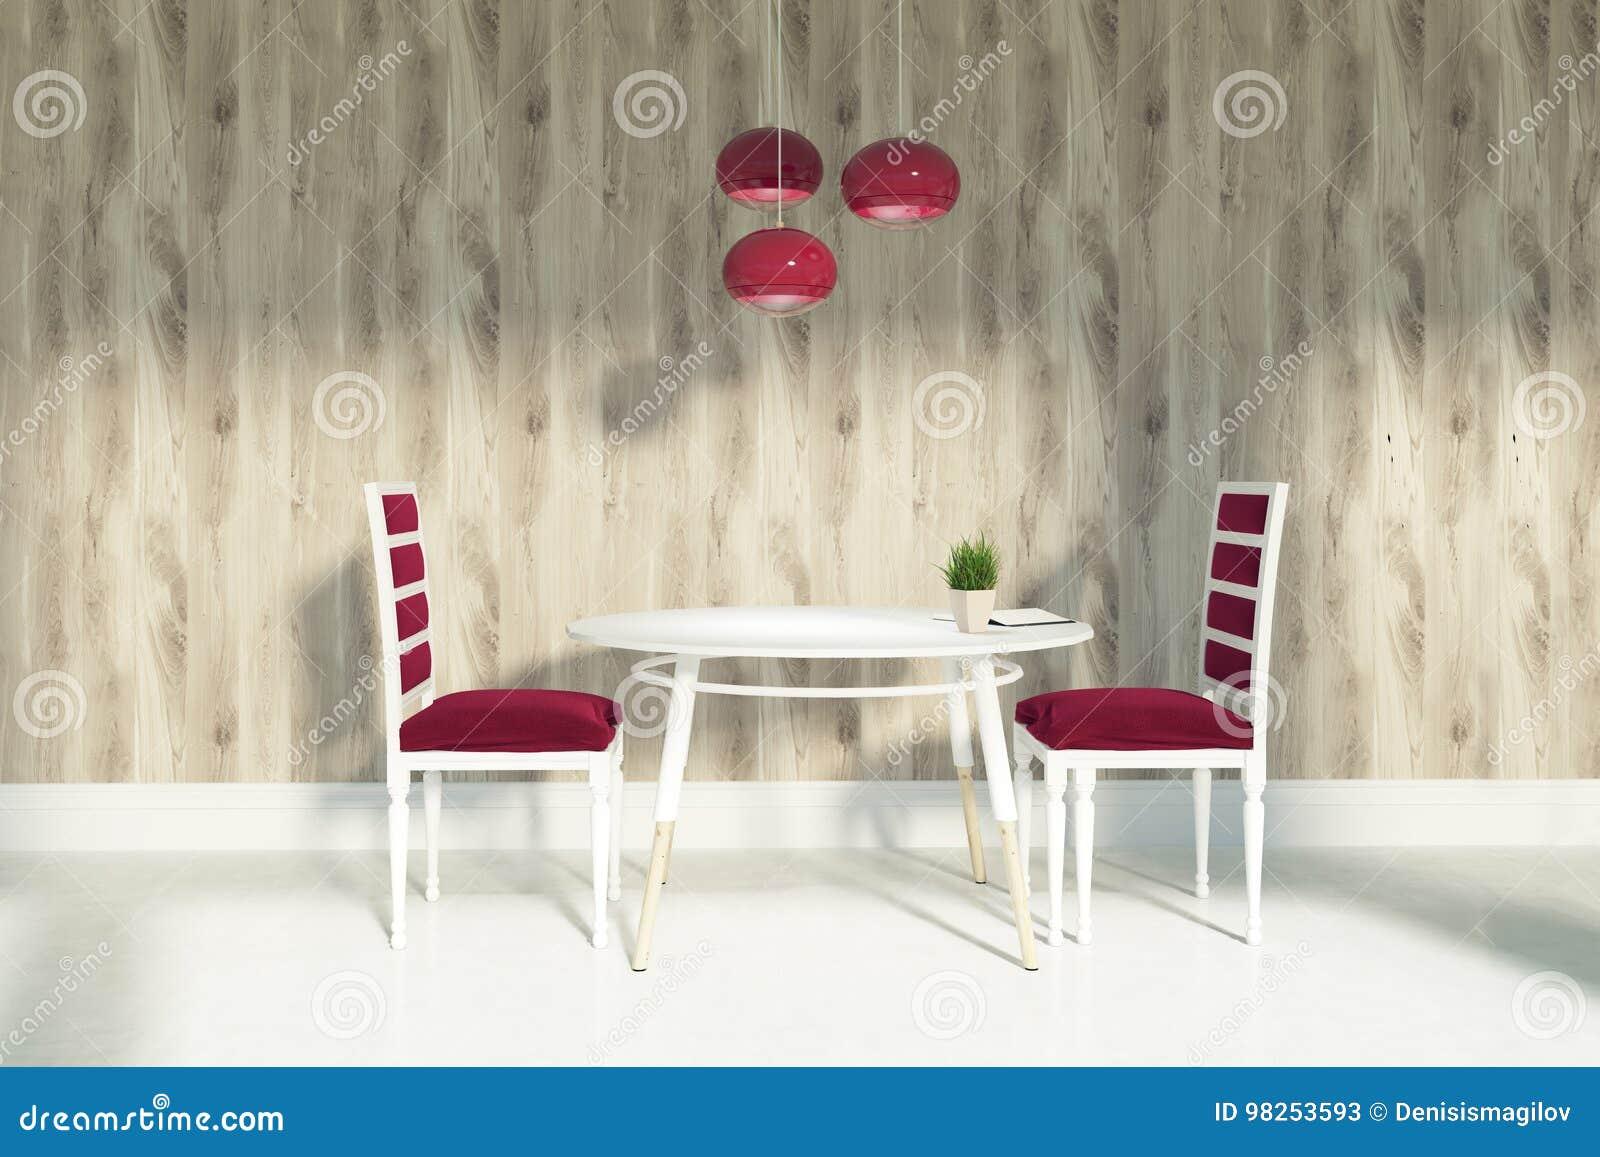 Sedie Rosse Ikea : Sala da pranzo con le sedie rosse e le pareti di legno